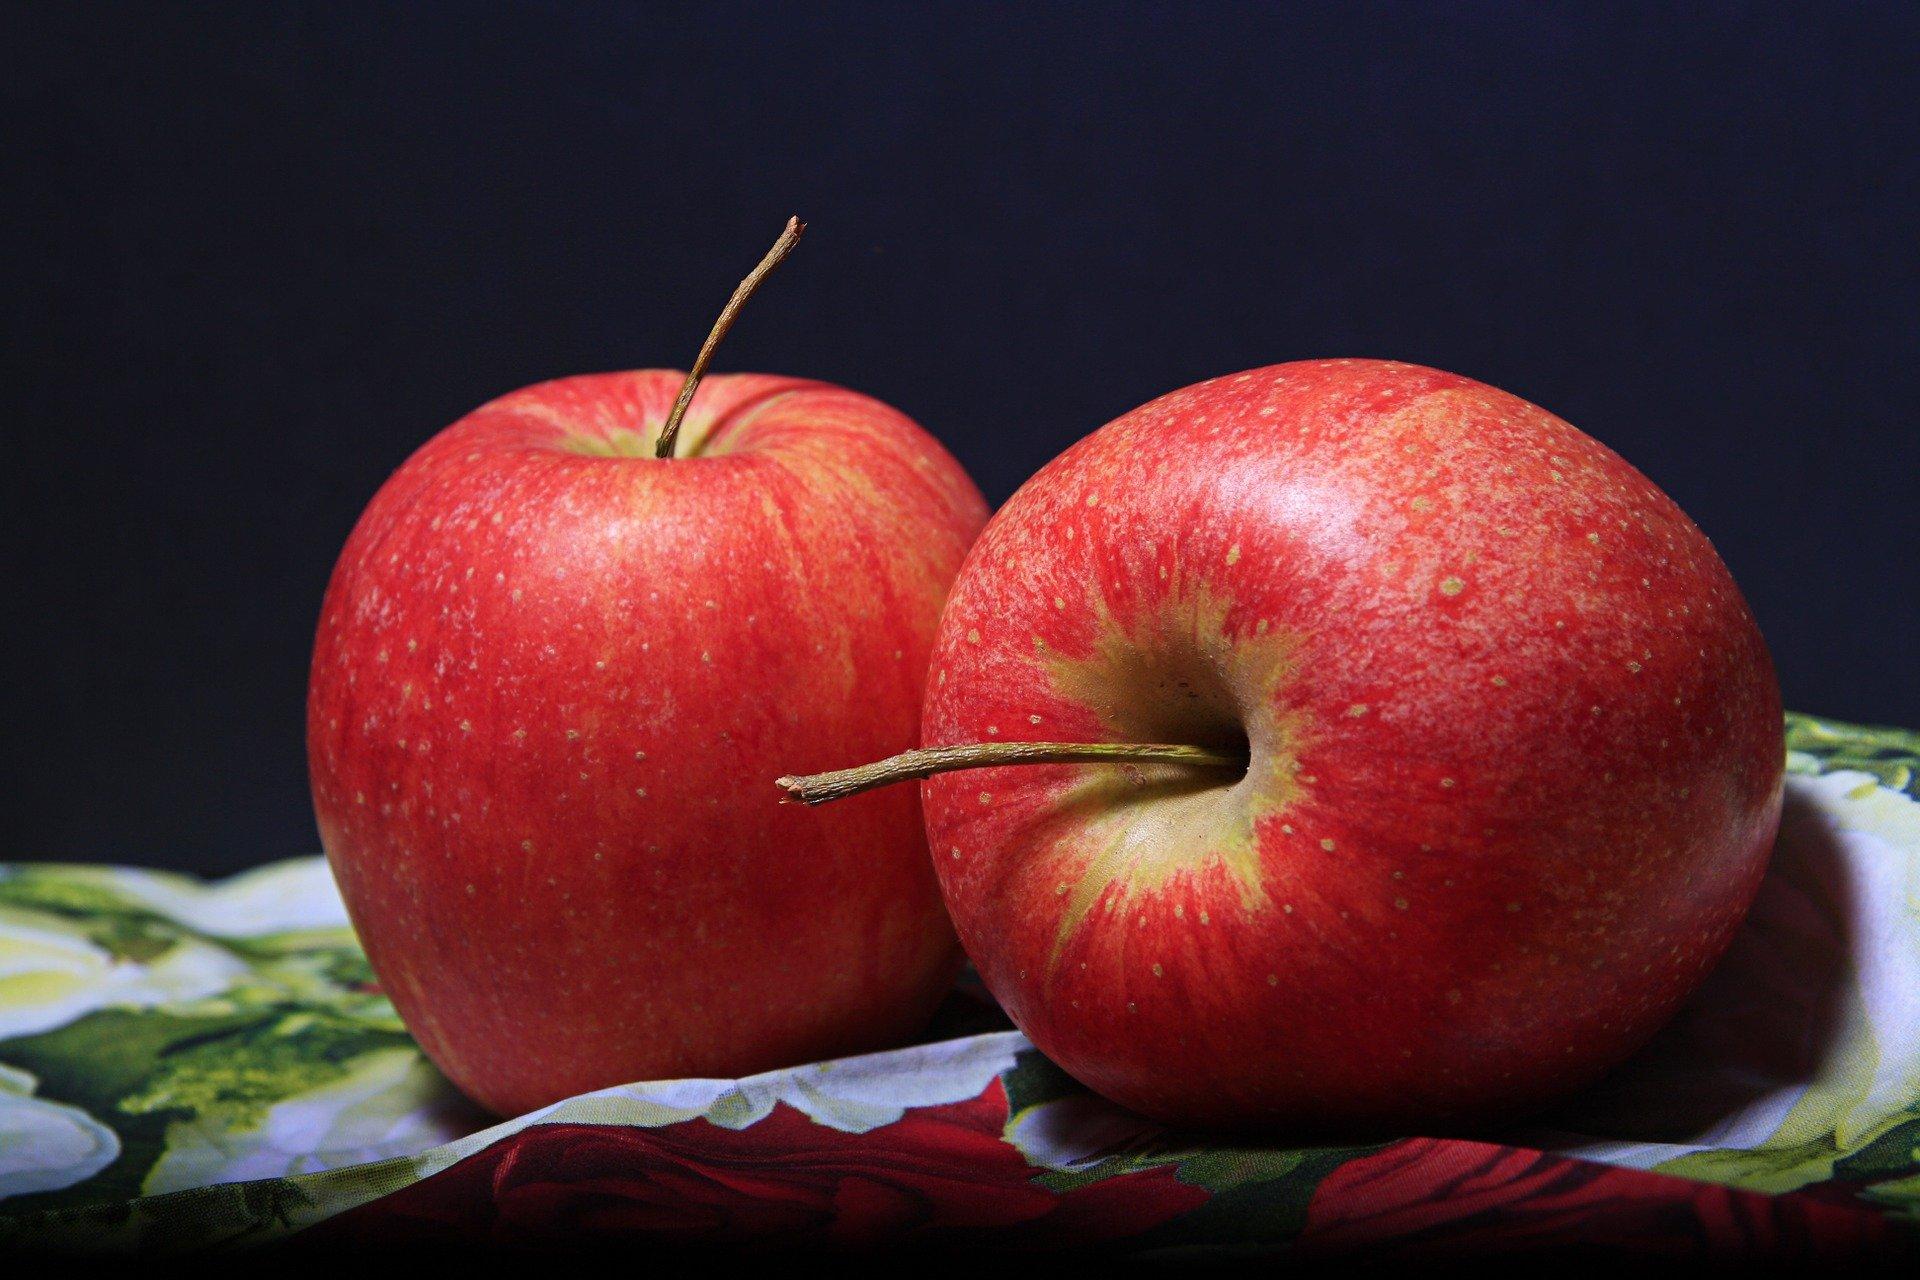 Μήλο κοιλιά λίπος: Η κατανάλωση ενός μήλου ημερησίως βοηθά στην καύση του λίπους στην κοιλιά